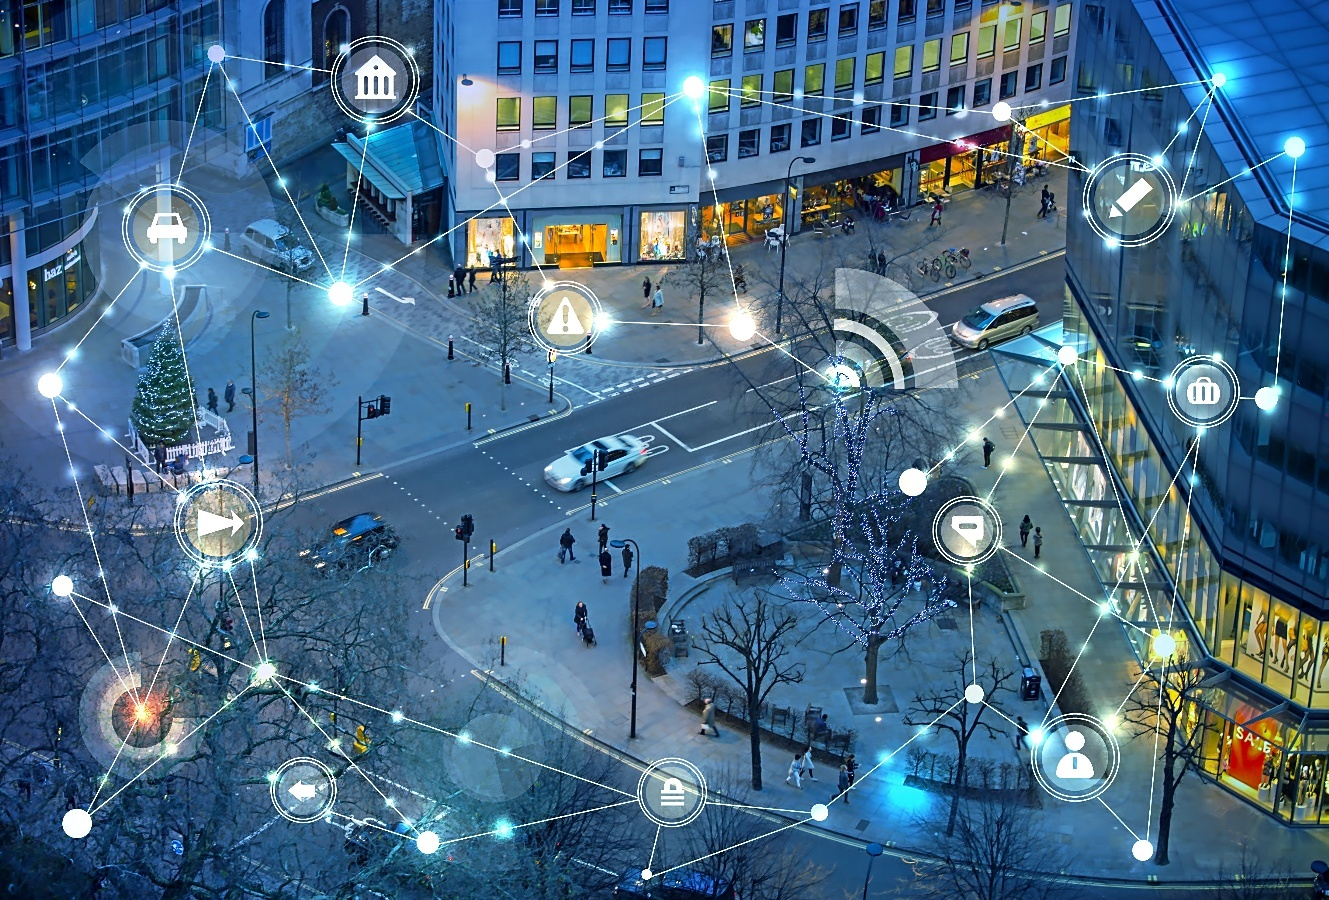 Smar Cities | Blog Visionarios